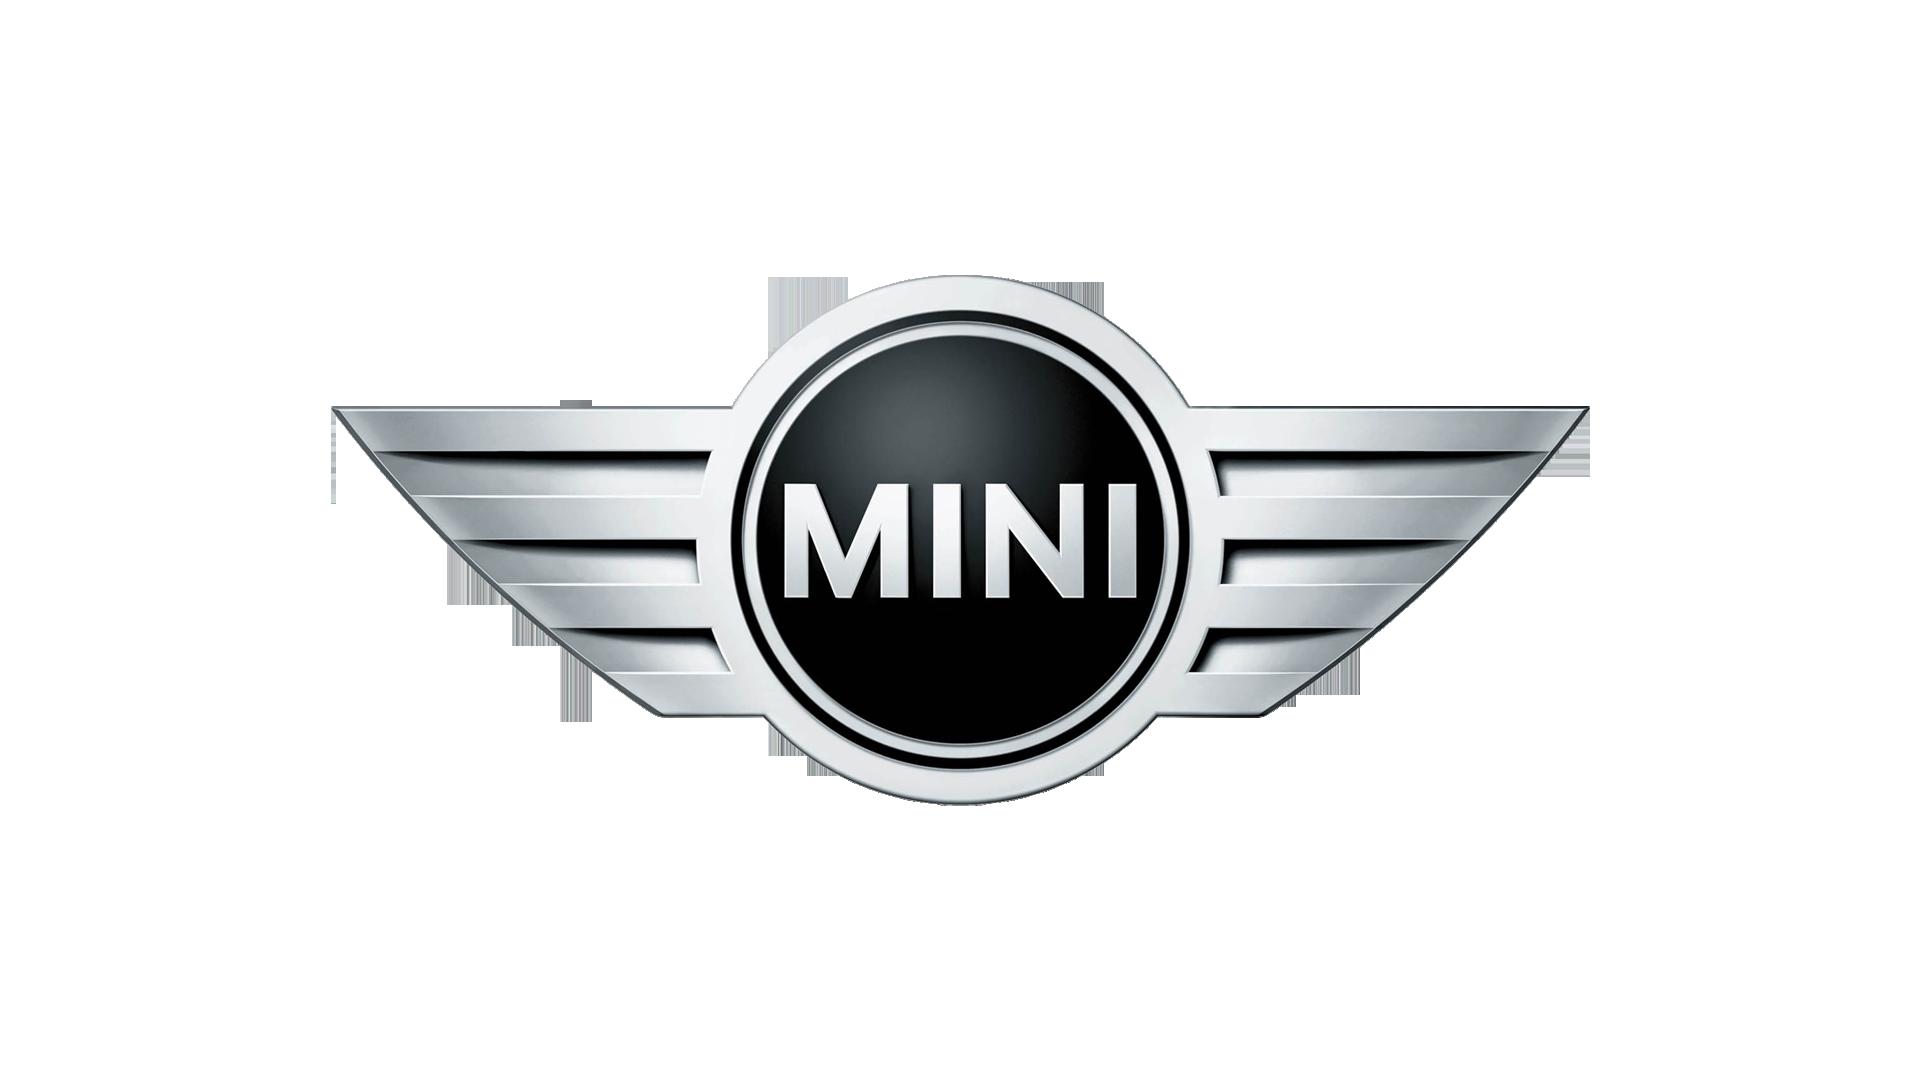 Mini-logo-2001-1920x1080